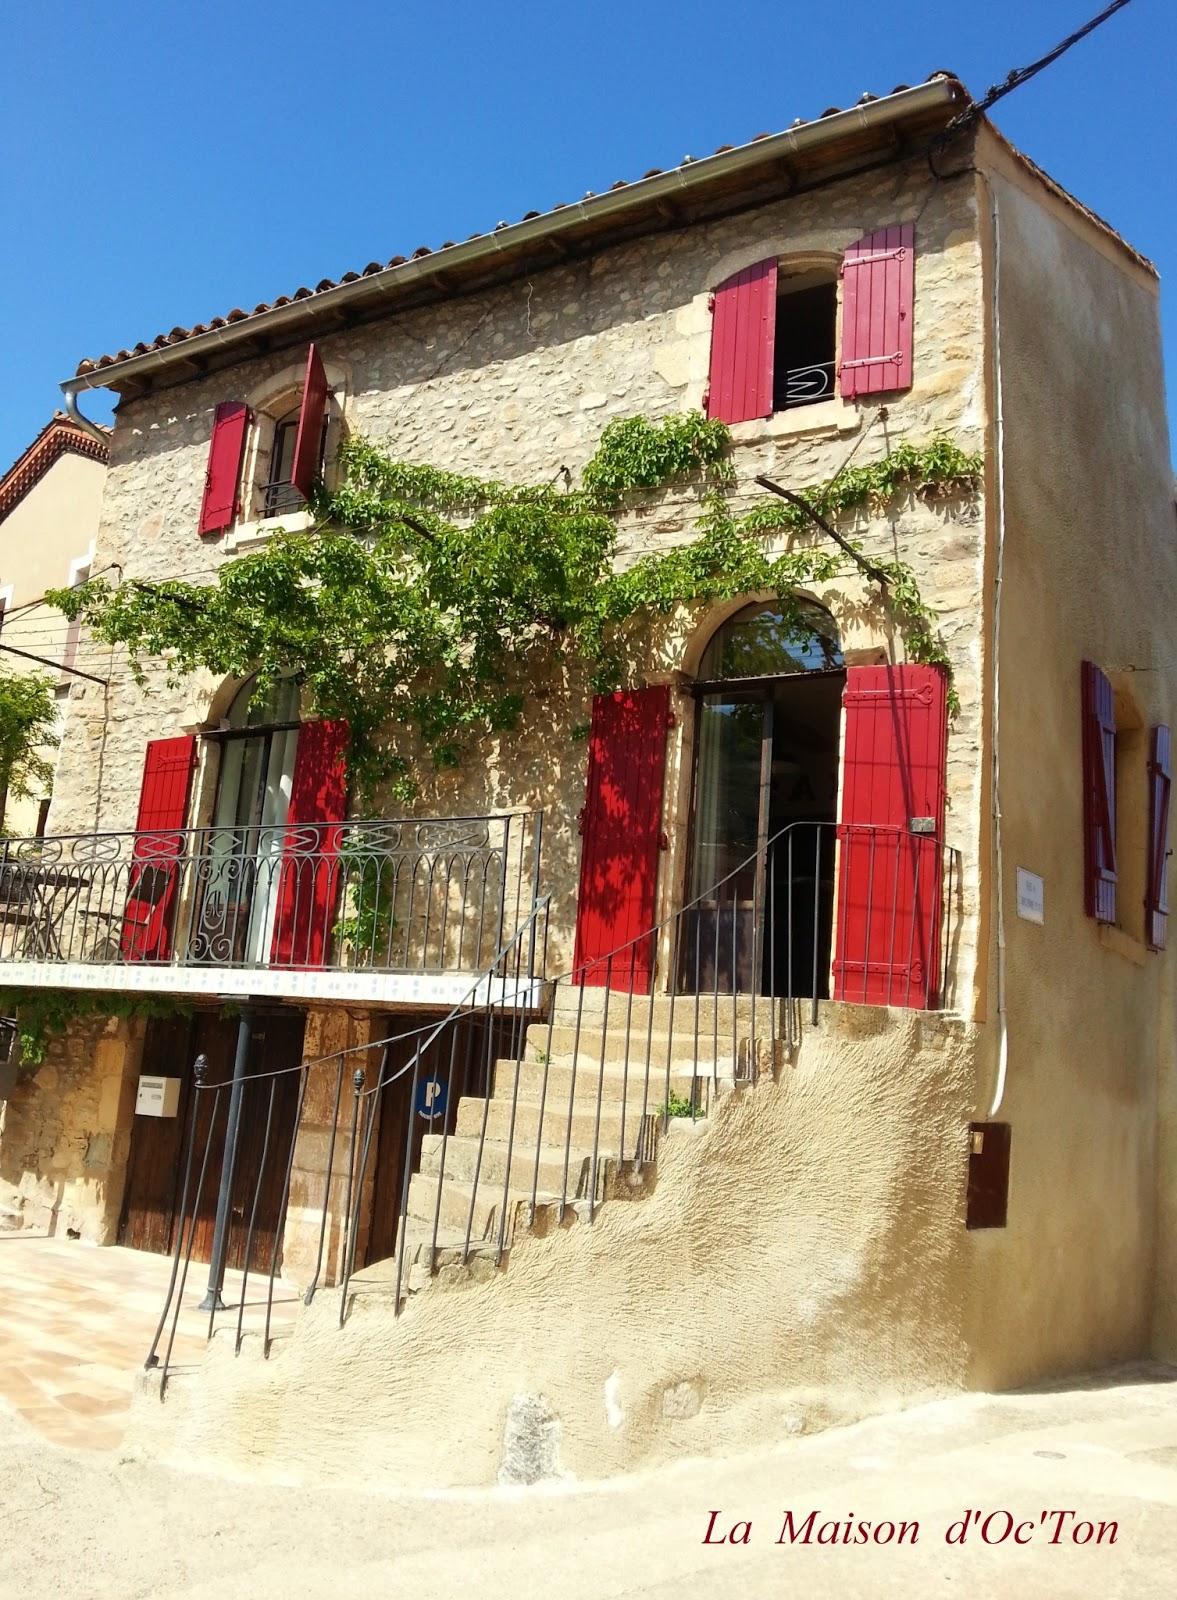 Maison a louer pour les vacances dans le sud de la france ventana blog for Maison de vacance a louer